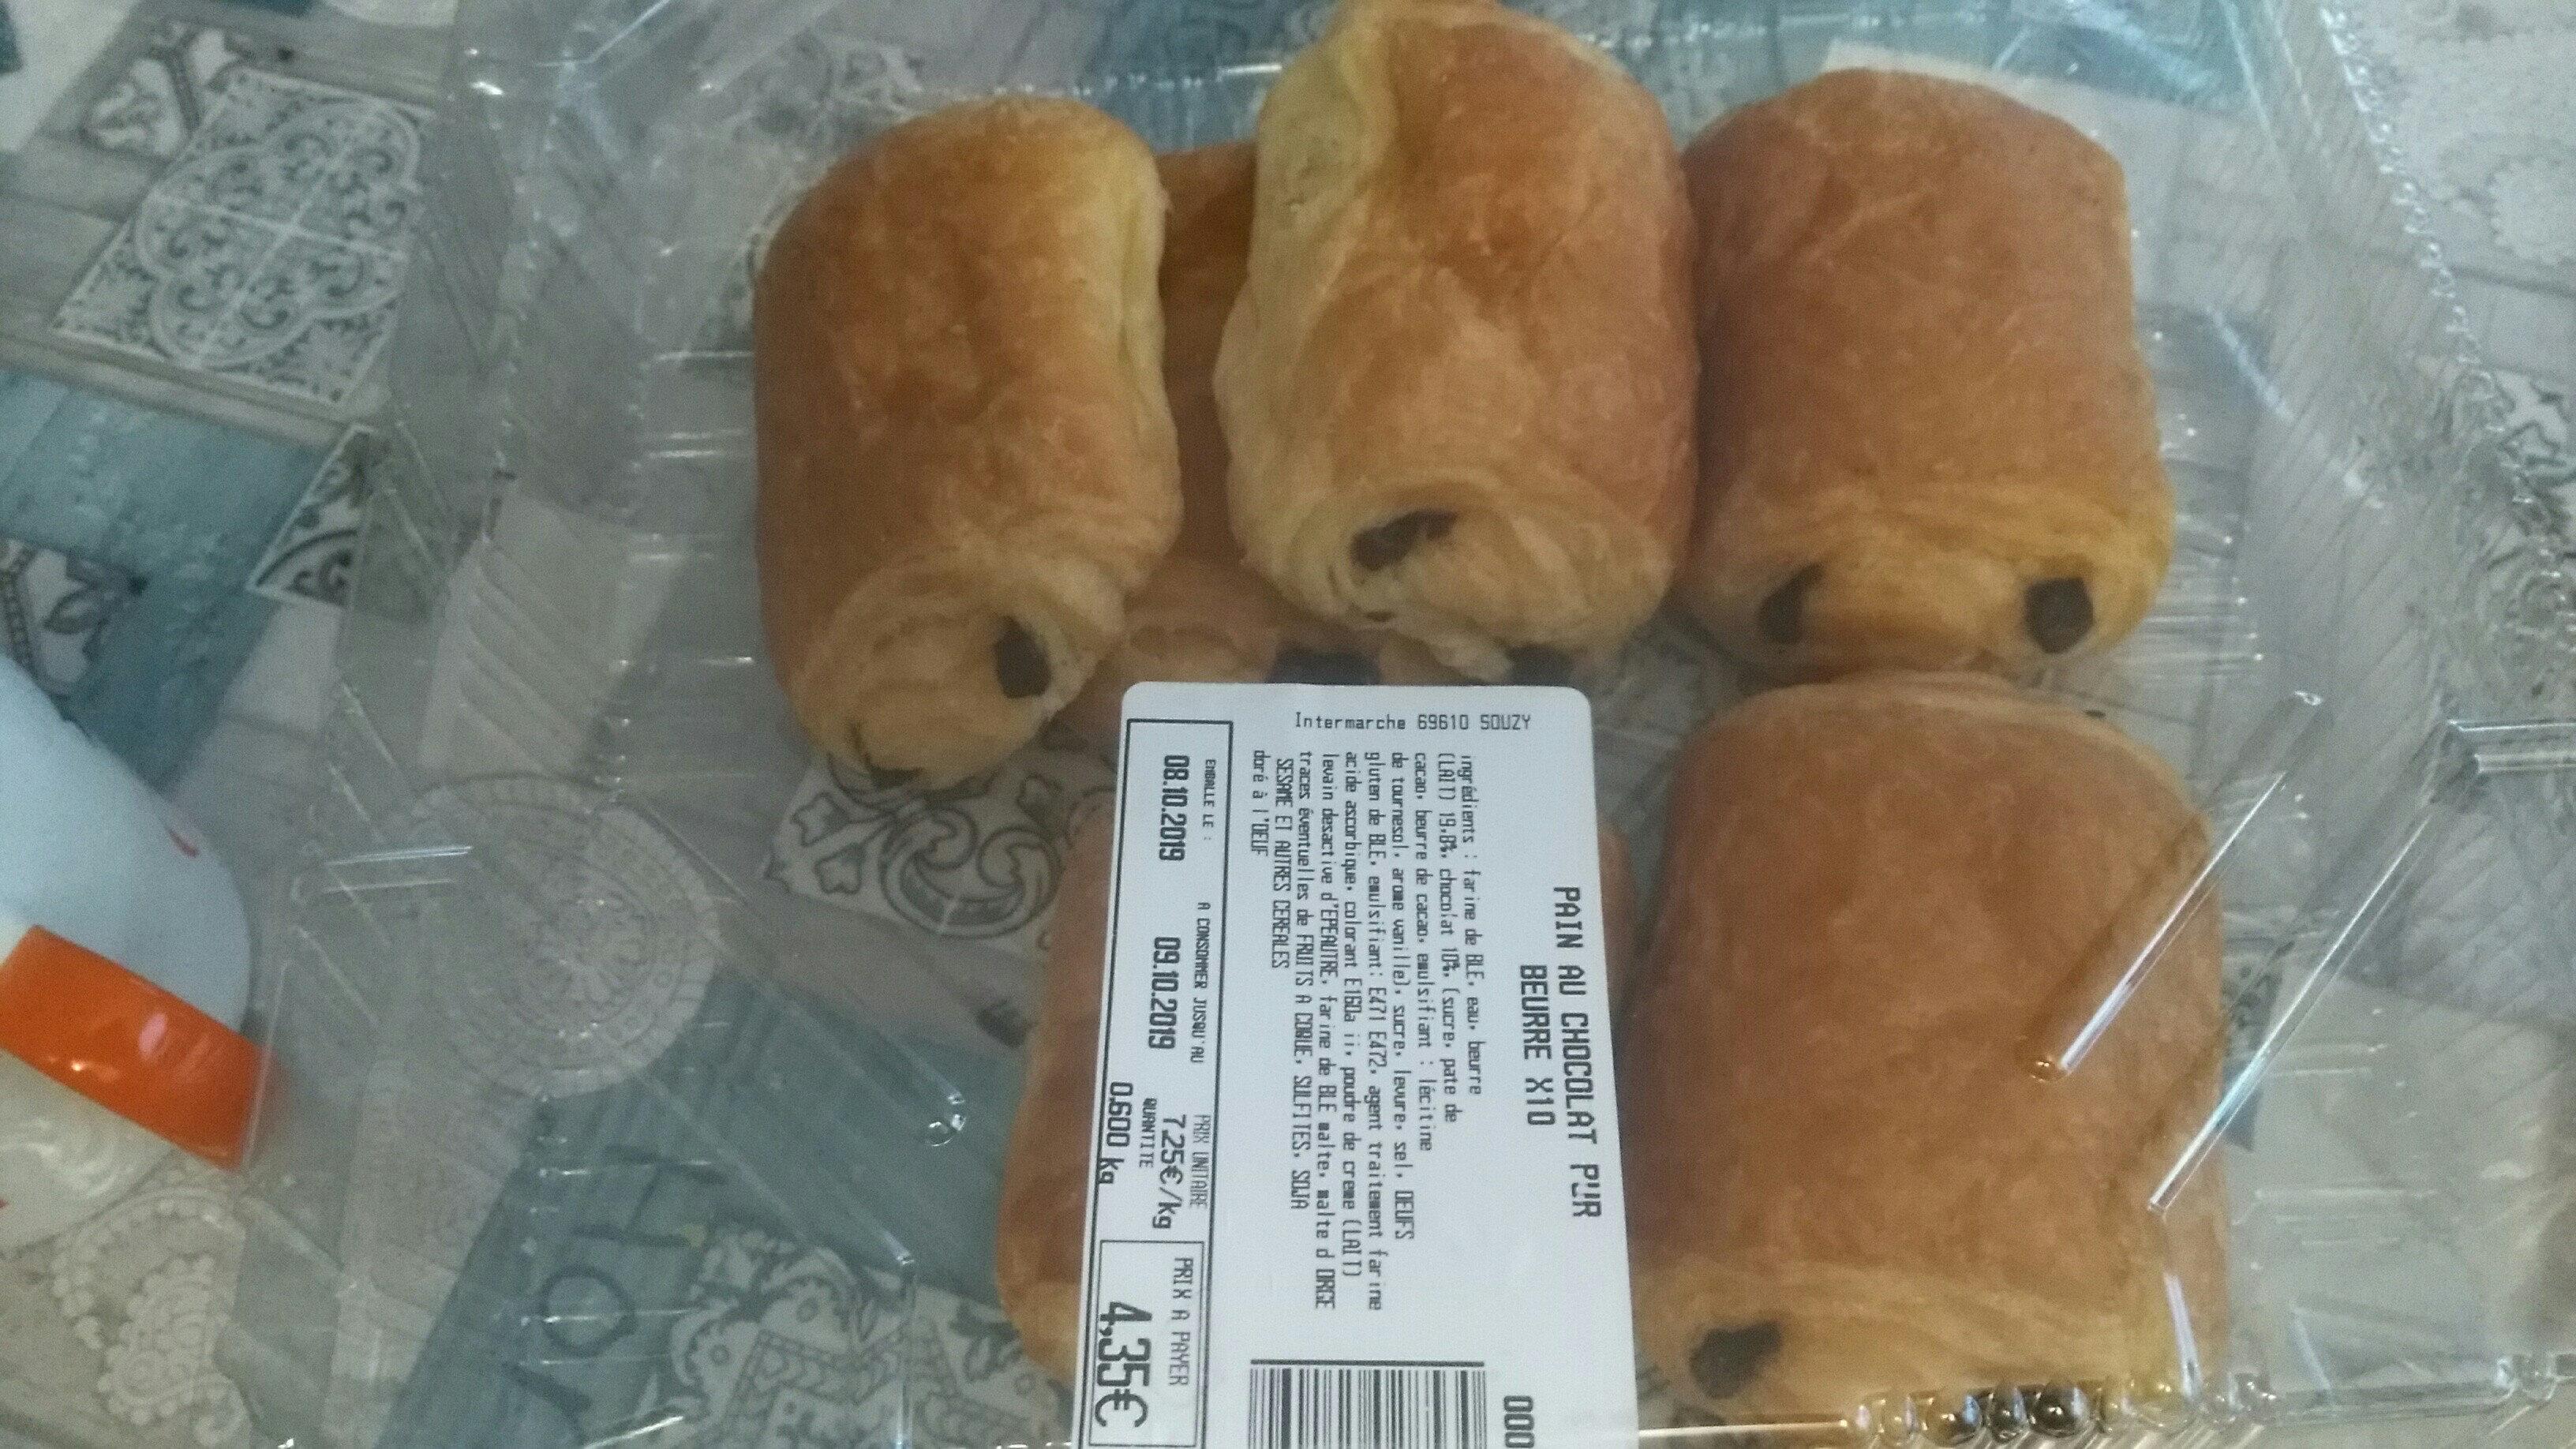 pains aux chocolats - Product - fr